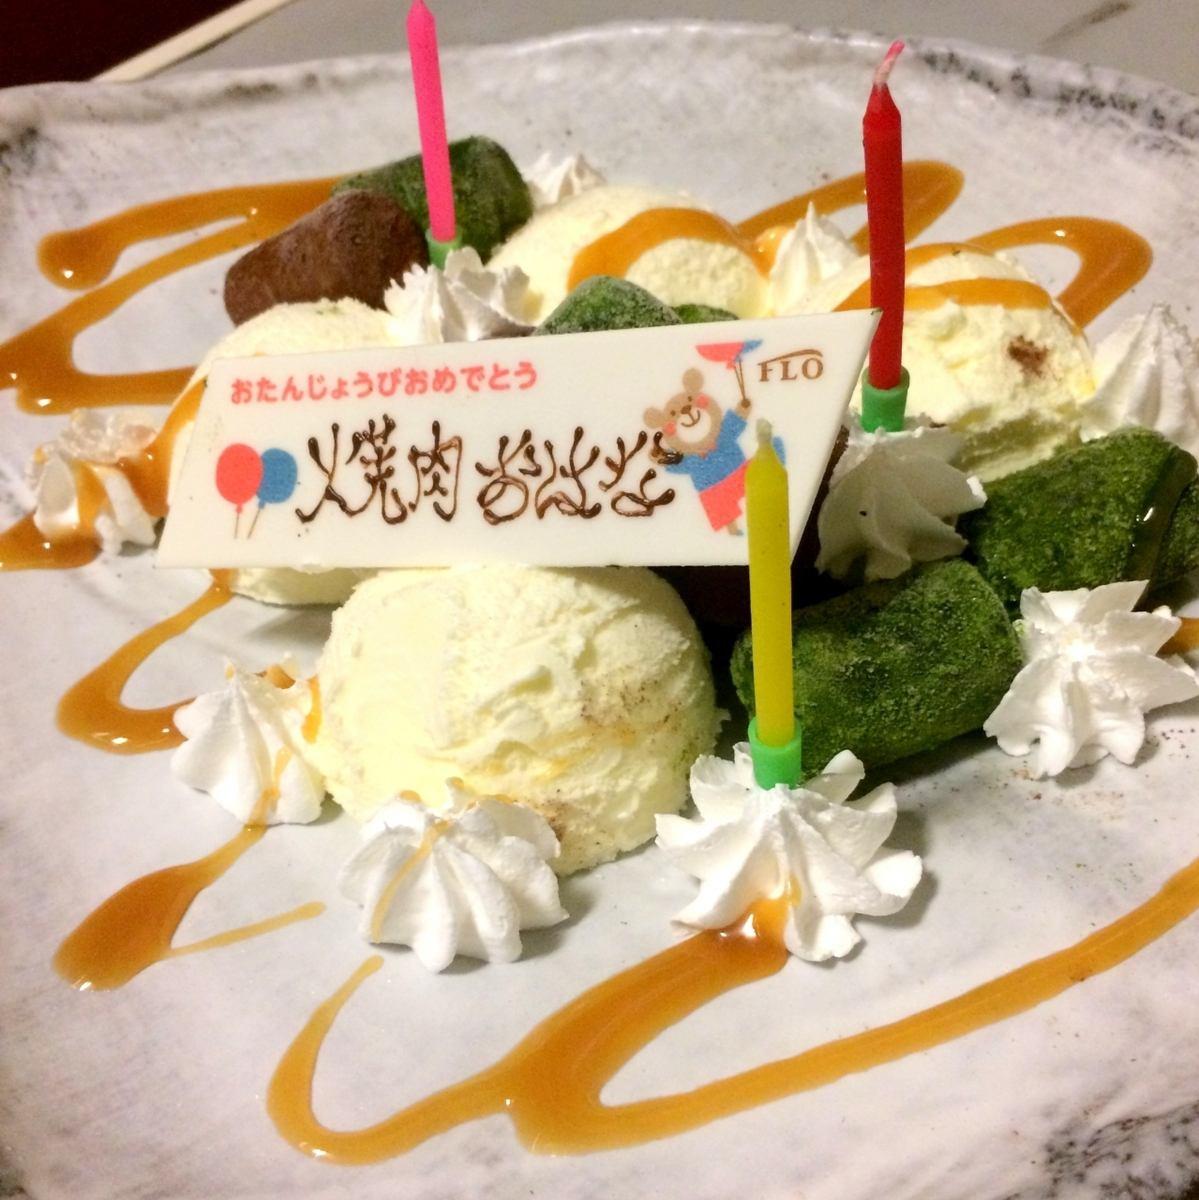 【お誕生日の方限定】デザートプレートプレゼント♪